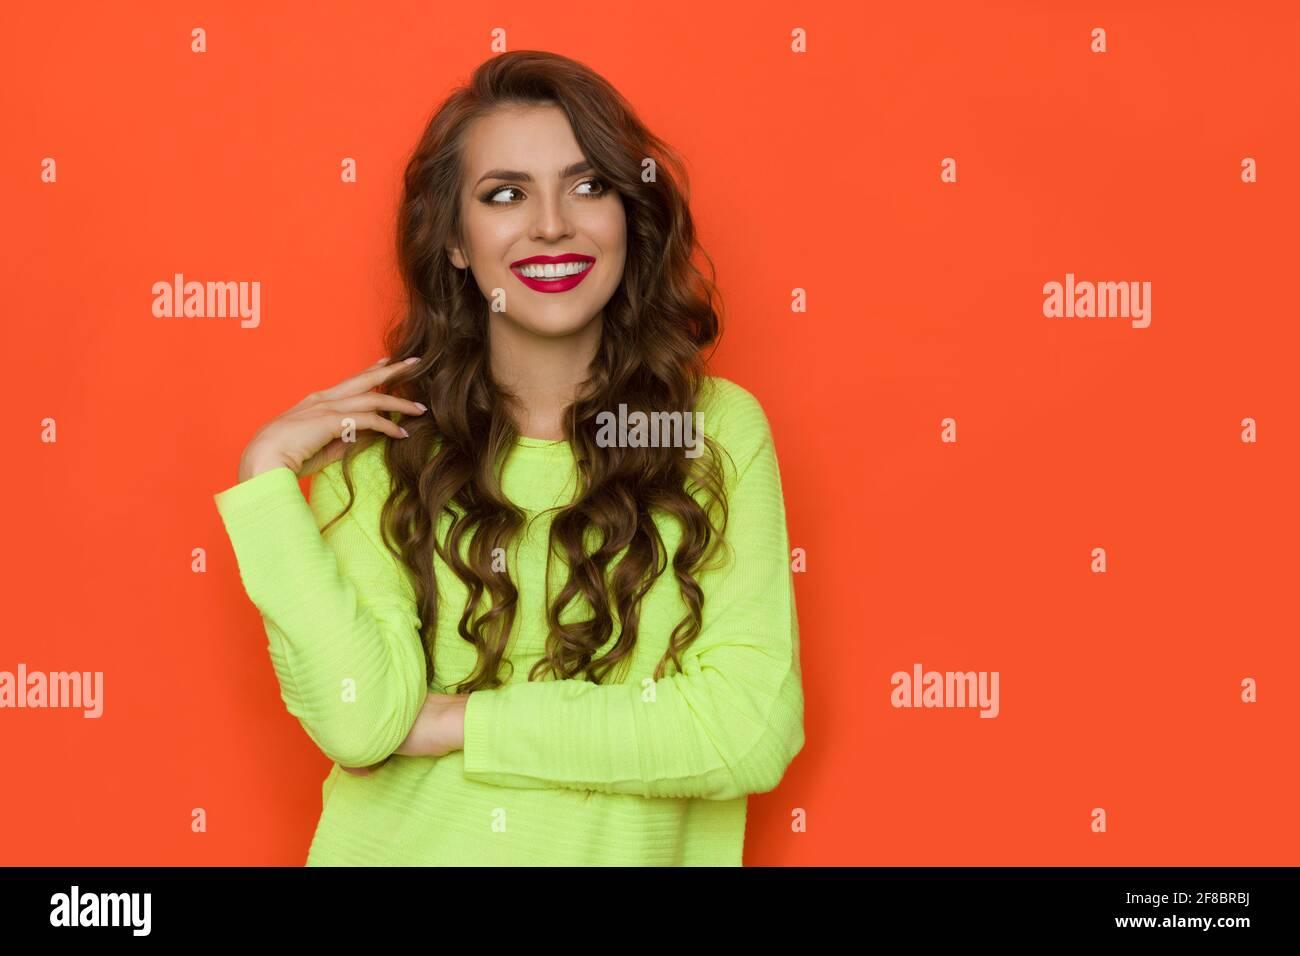 Jeune femme souriante en vert citron vert fluo regarde de côté à l'espace de copie orange. Vue avant. Prise de vue en studio à taille haute. Banque D'Images